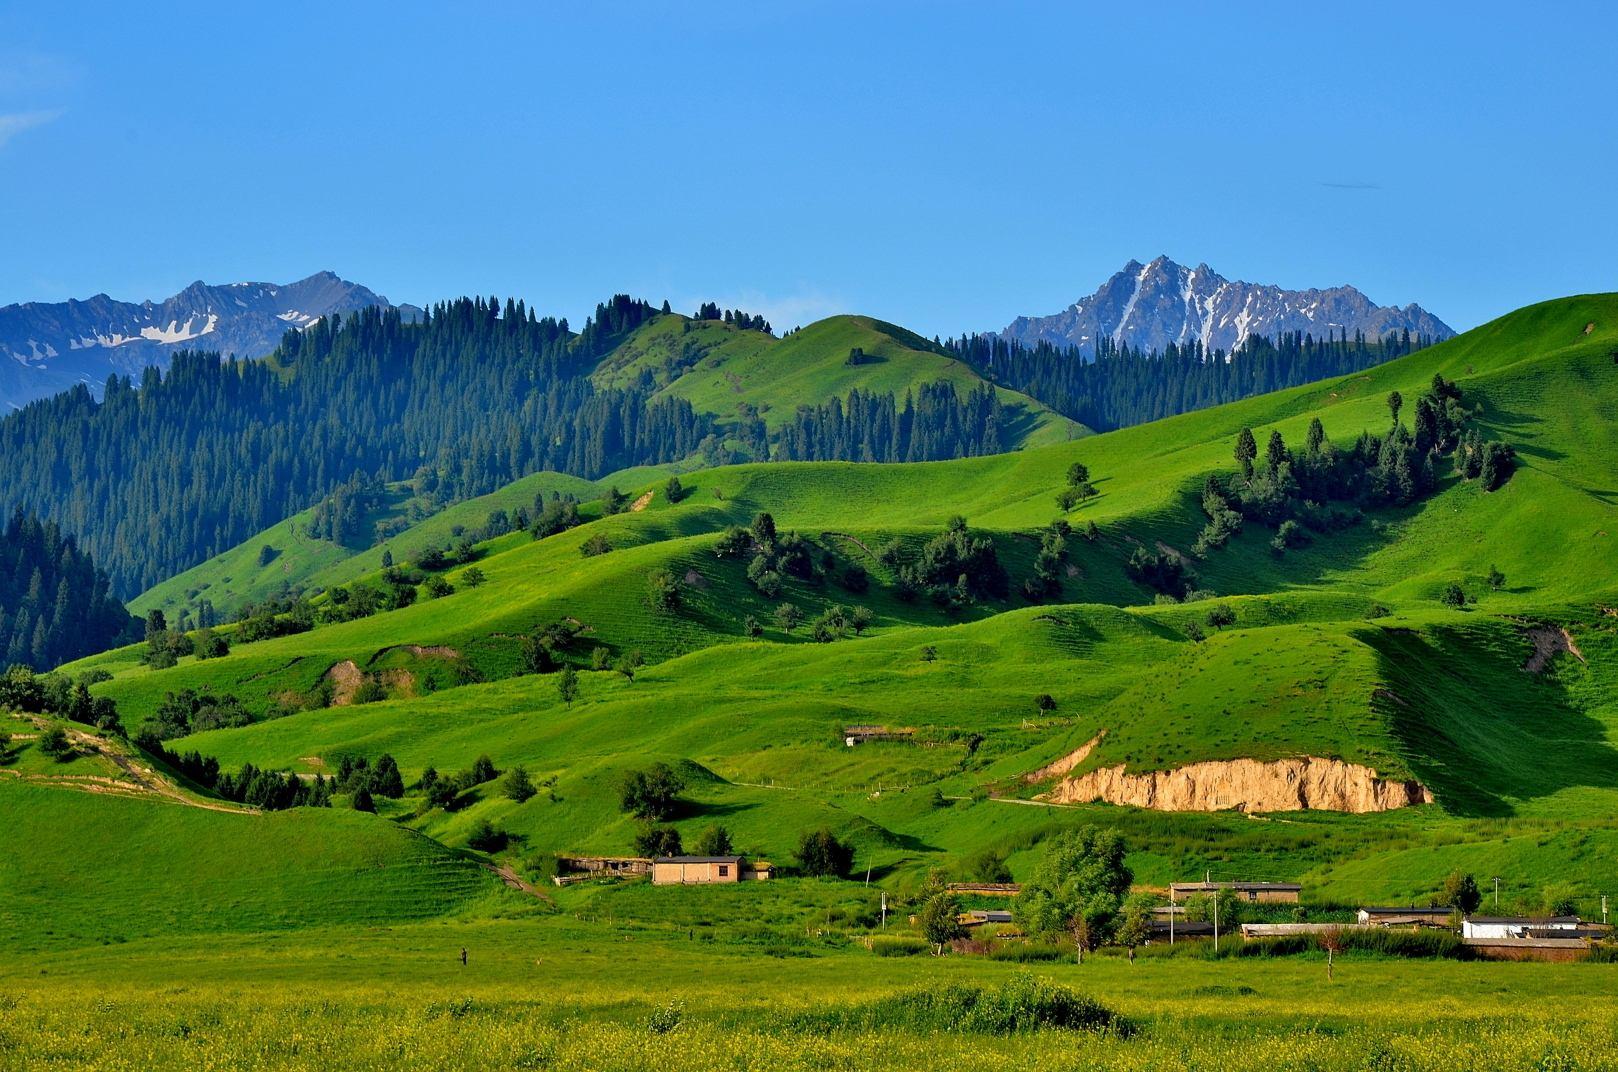 新疆伊犁那拉提草原风光,景色迷人秀美,令人沉醉